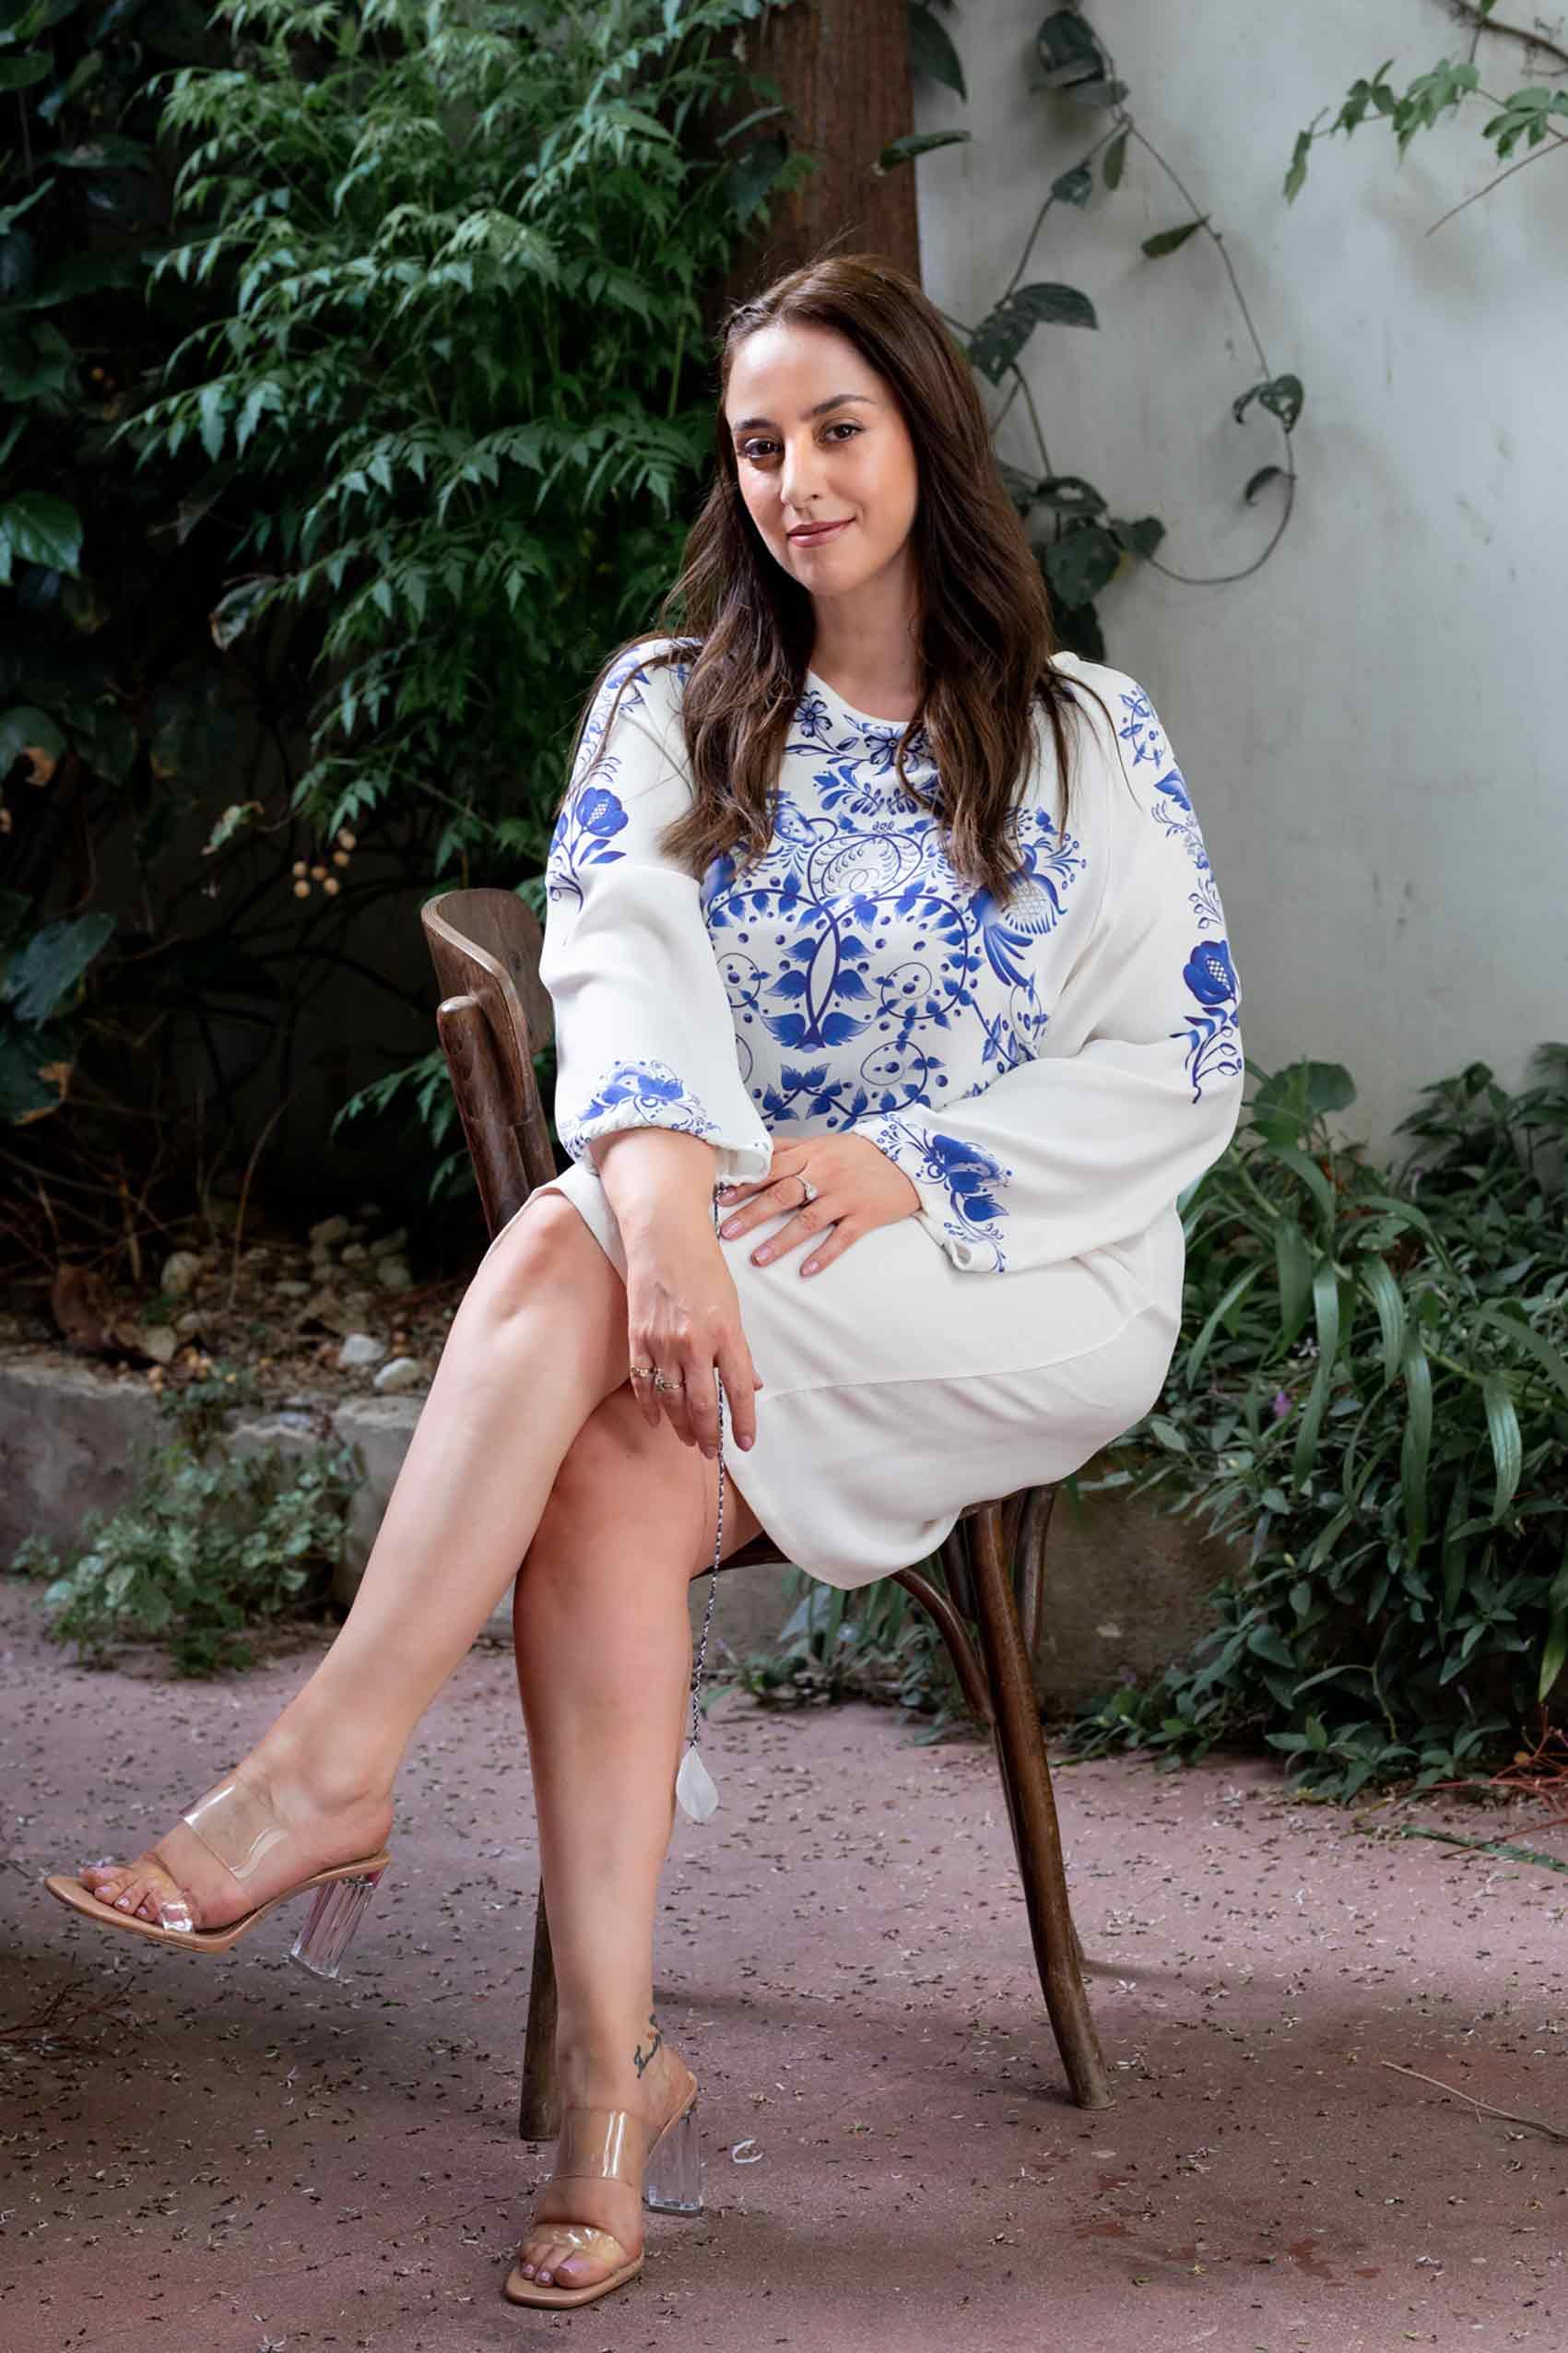 אופנה-ישראלית-טלי ארבל לובשת ויוי בלאיש, צילום: שלי פדן-לורבר-אופנה